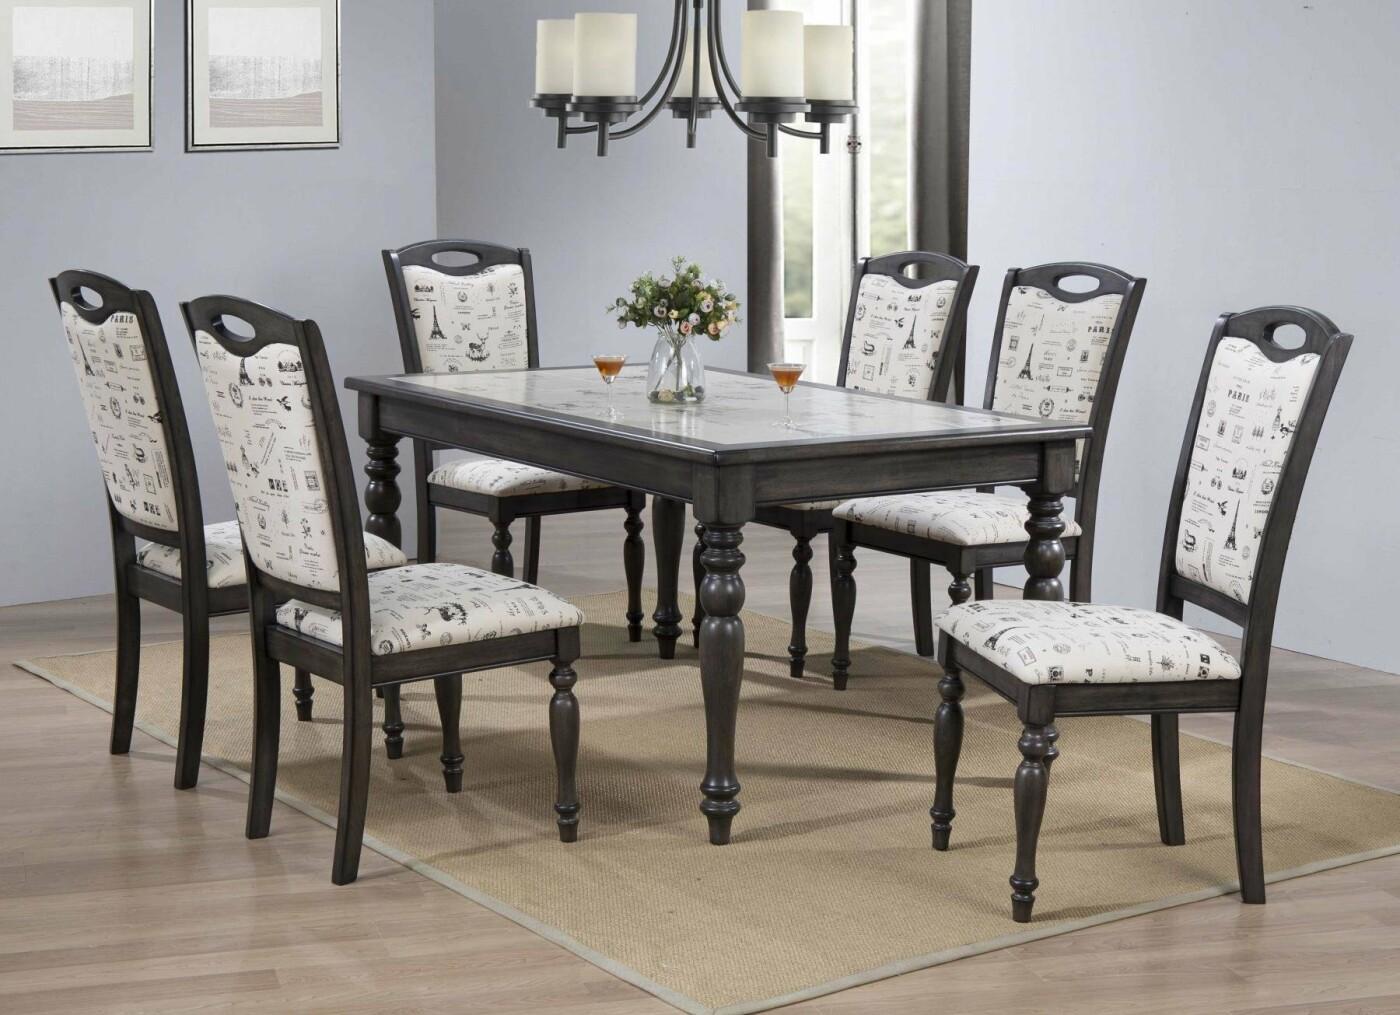 Тот самый, о котором мечталось. Салон «Просто Мебель» приглашает выбрать обеденный стол к Новому году, фото-3